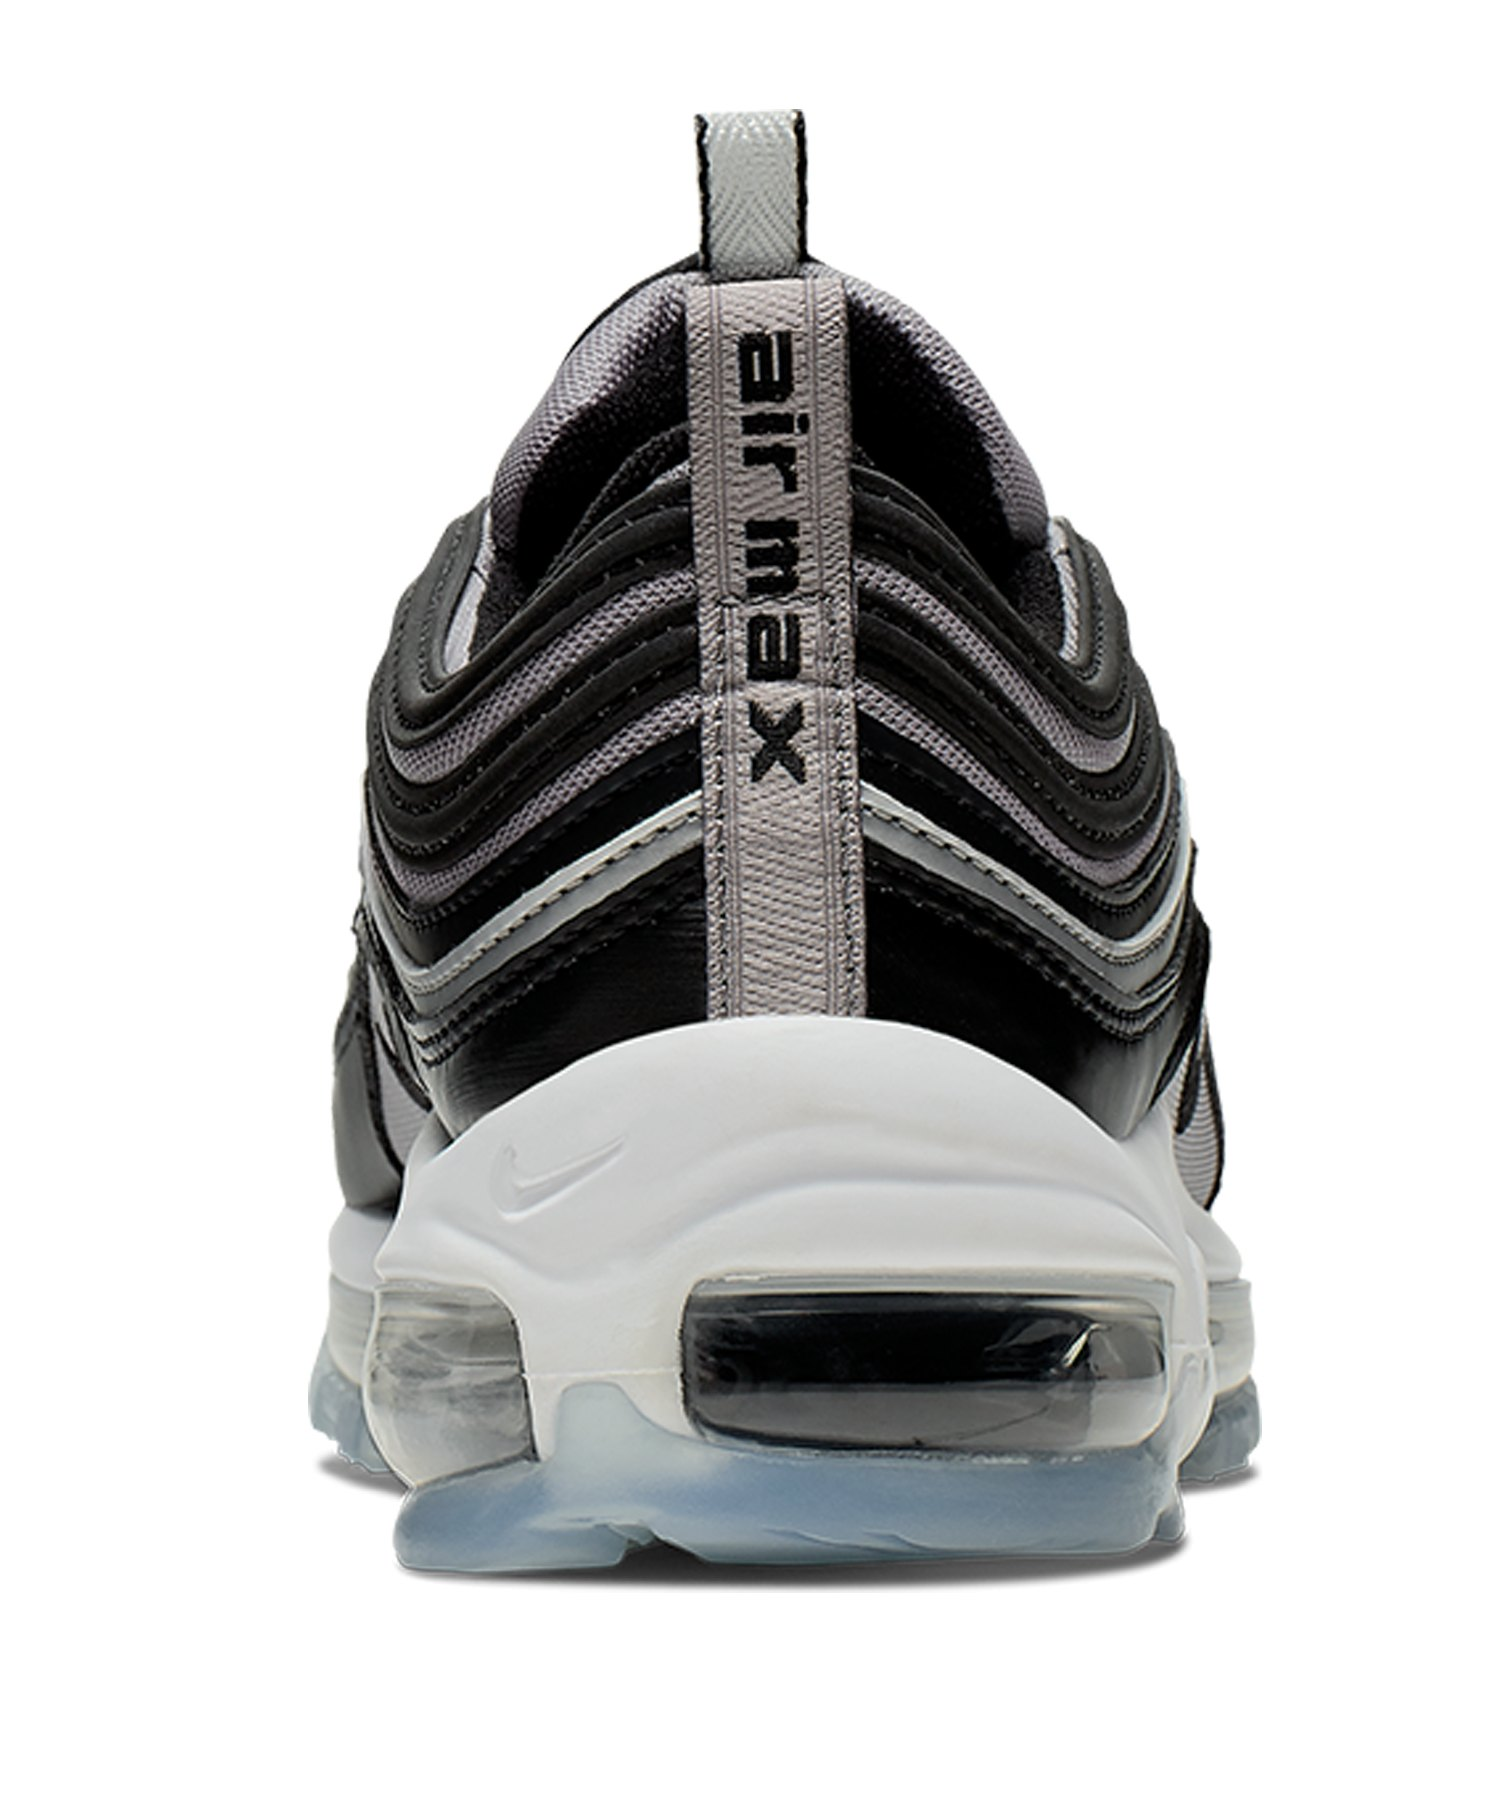 Max Grau 97 Rft Blau Air Sneaker Kids F001 Nike A4j3LR5